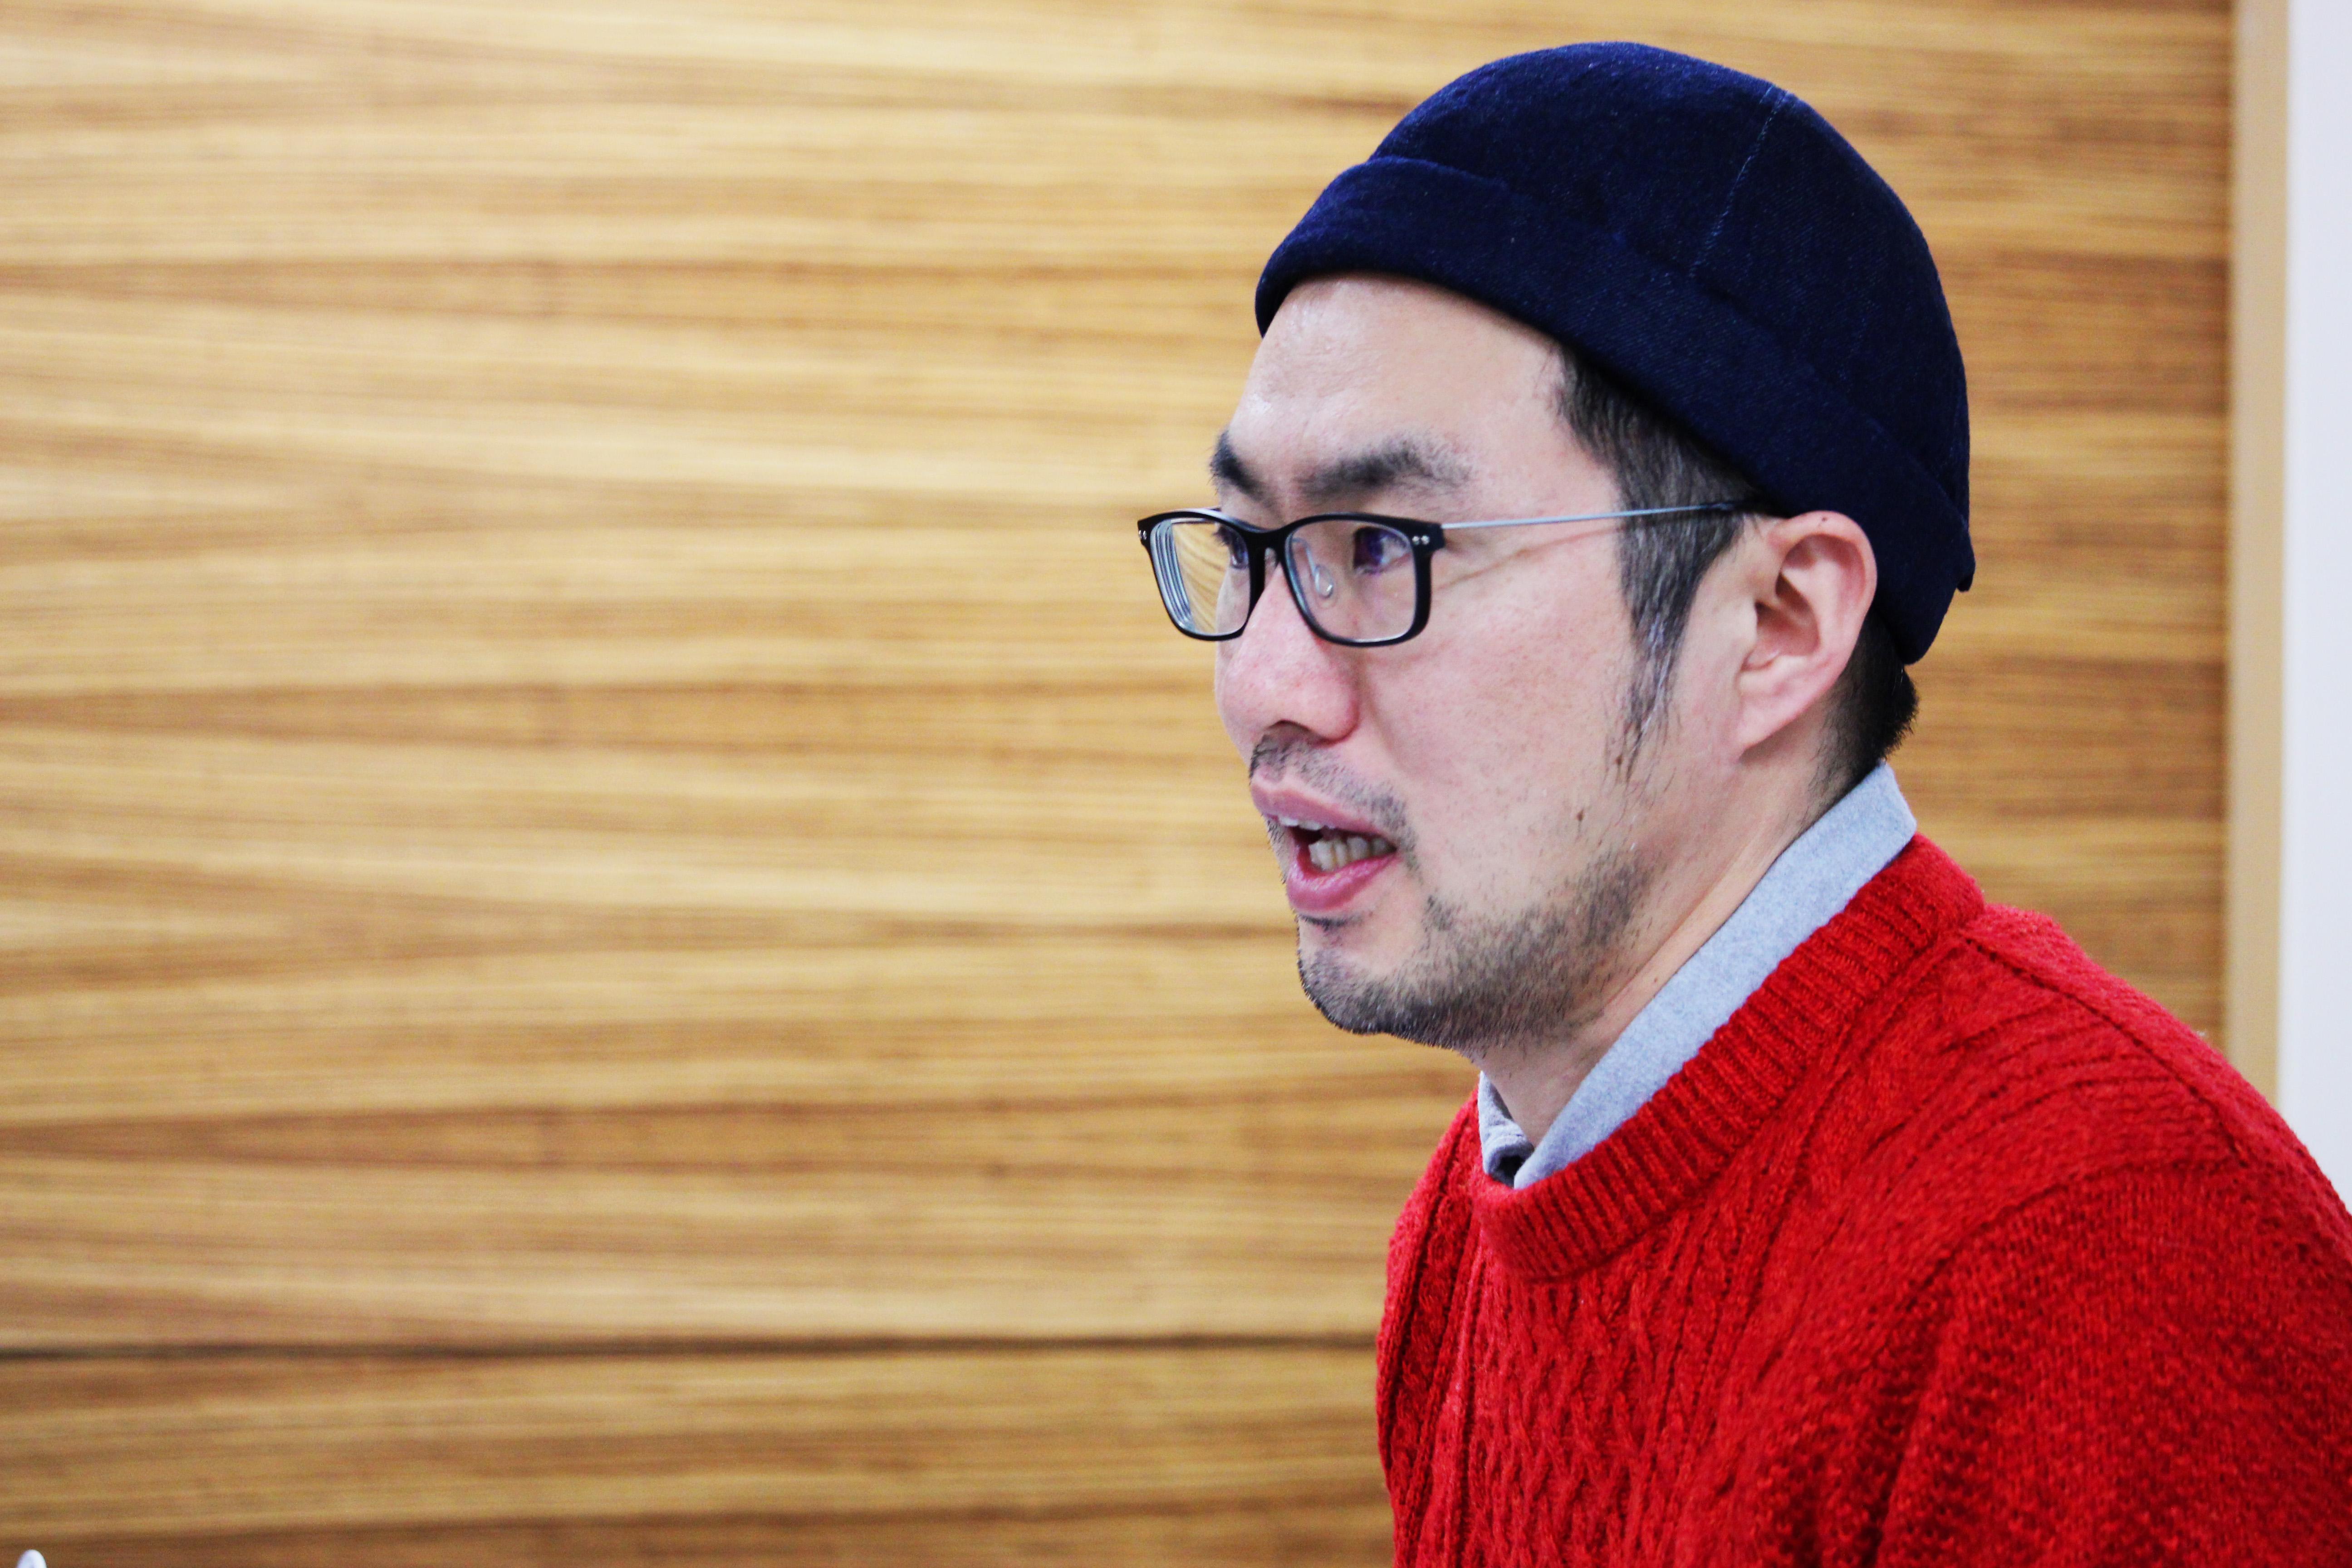 株式会社mgn 大串肇氏 講演風景3